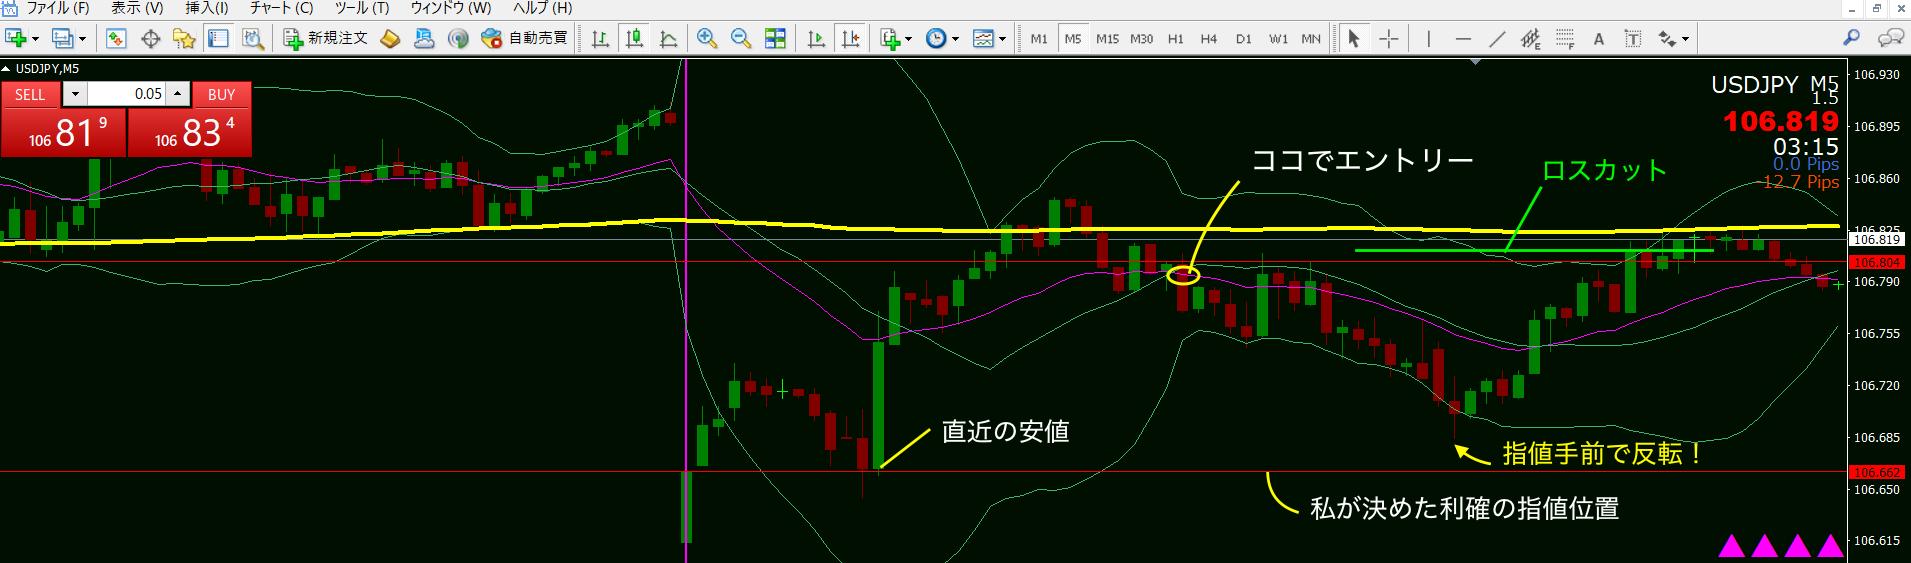 10月7日ドル円チャート利確位置とロスカット位置